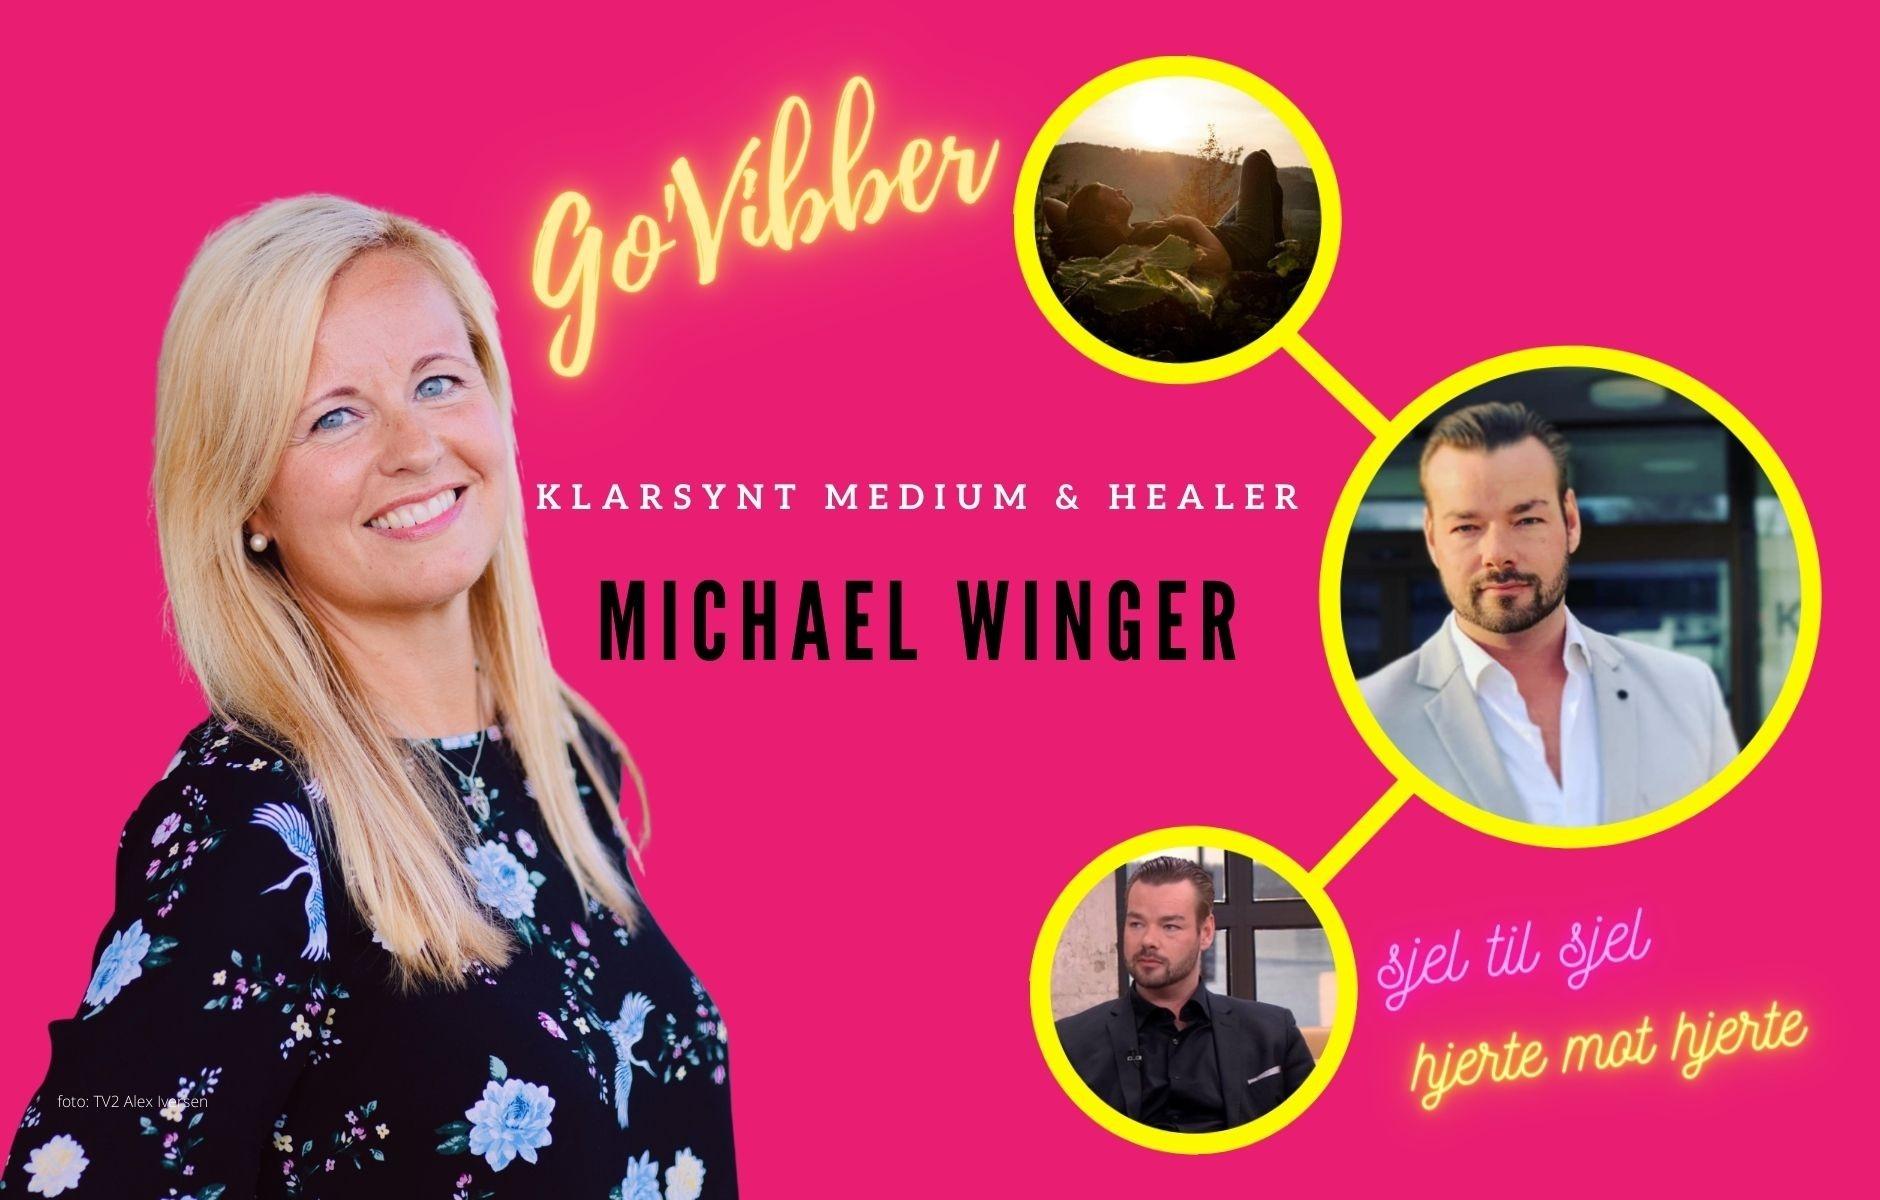 Hva får hjertet til Michael Winger til å boble av glede?